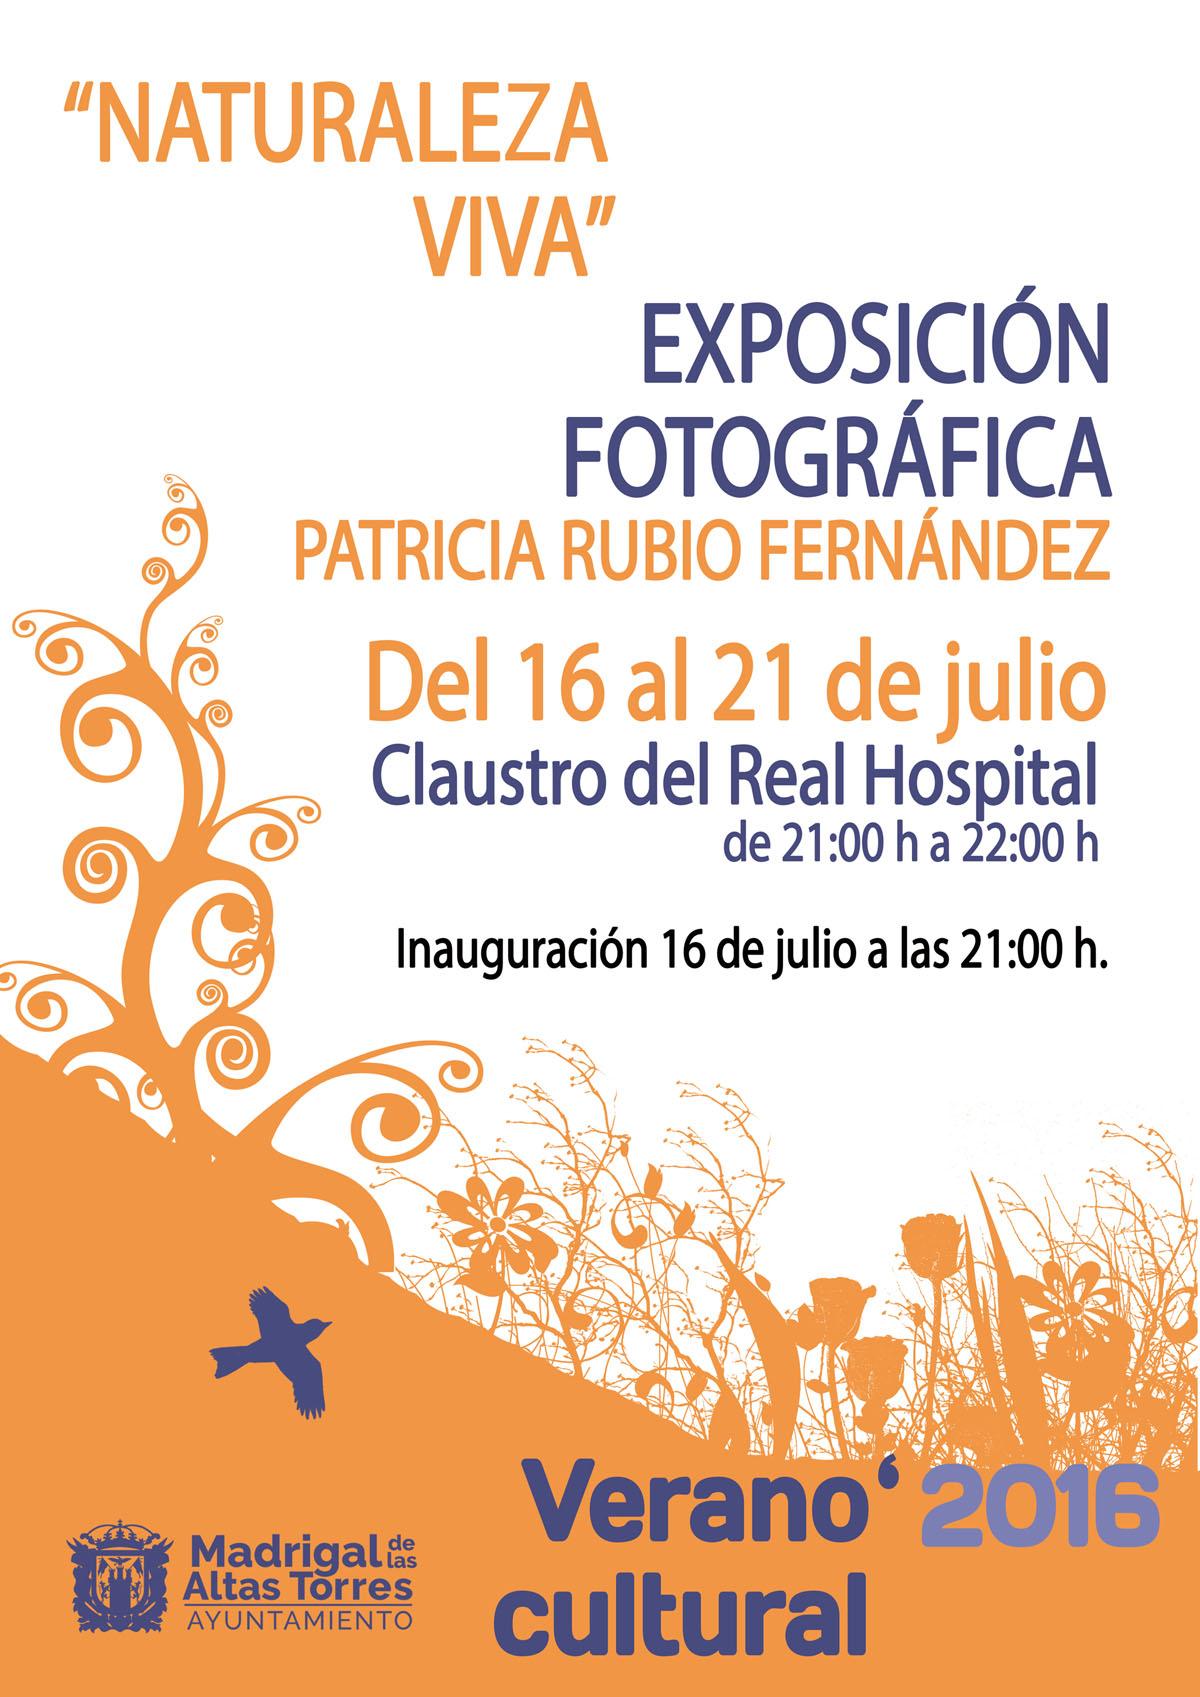 veranocultural2016EXPO2